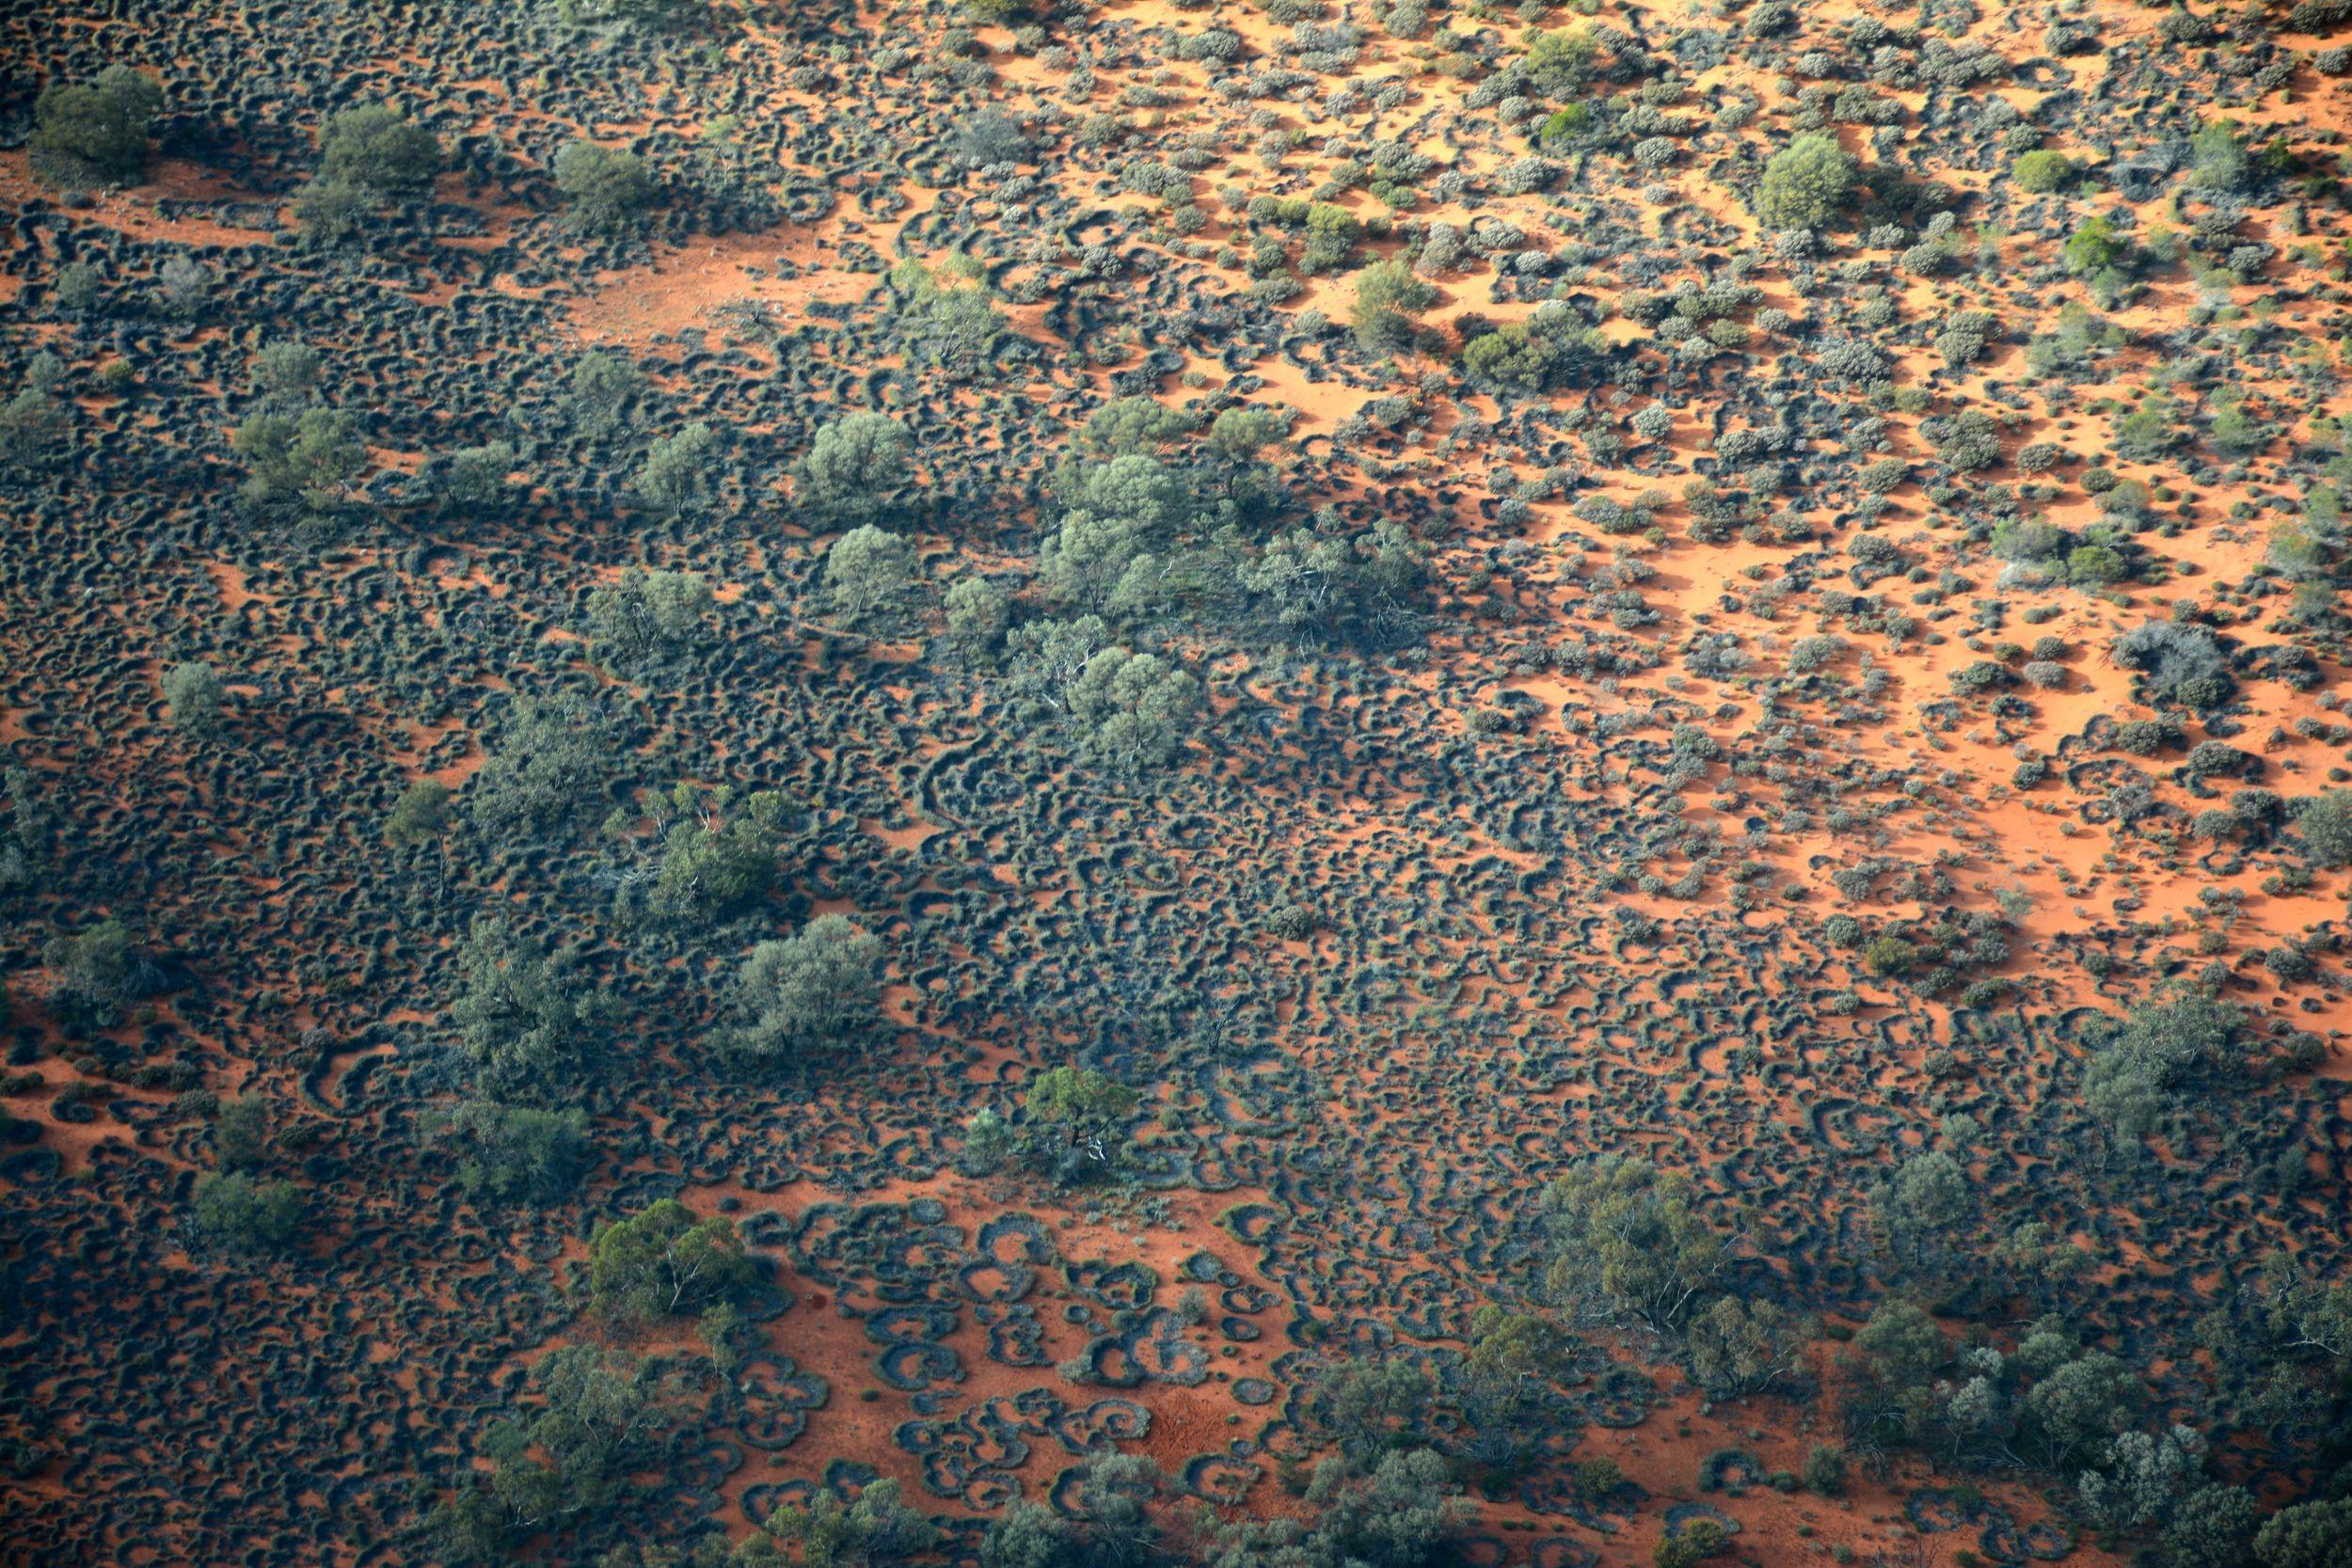 © Photo Aboriginal Signature - Spinifex country. Vue du ciel des buissons de Spinifex dans le désert.